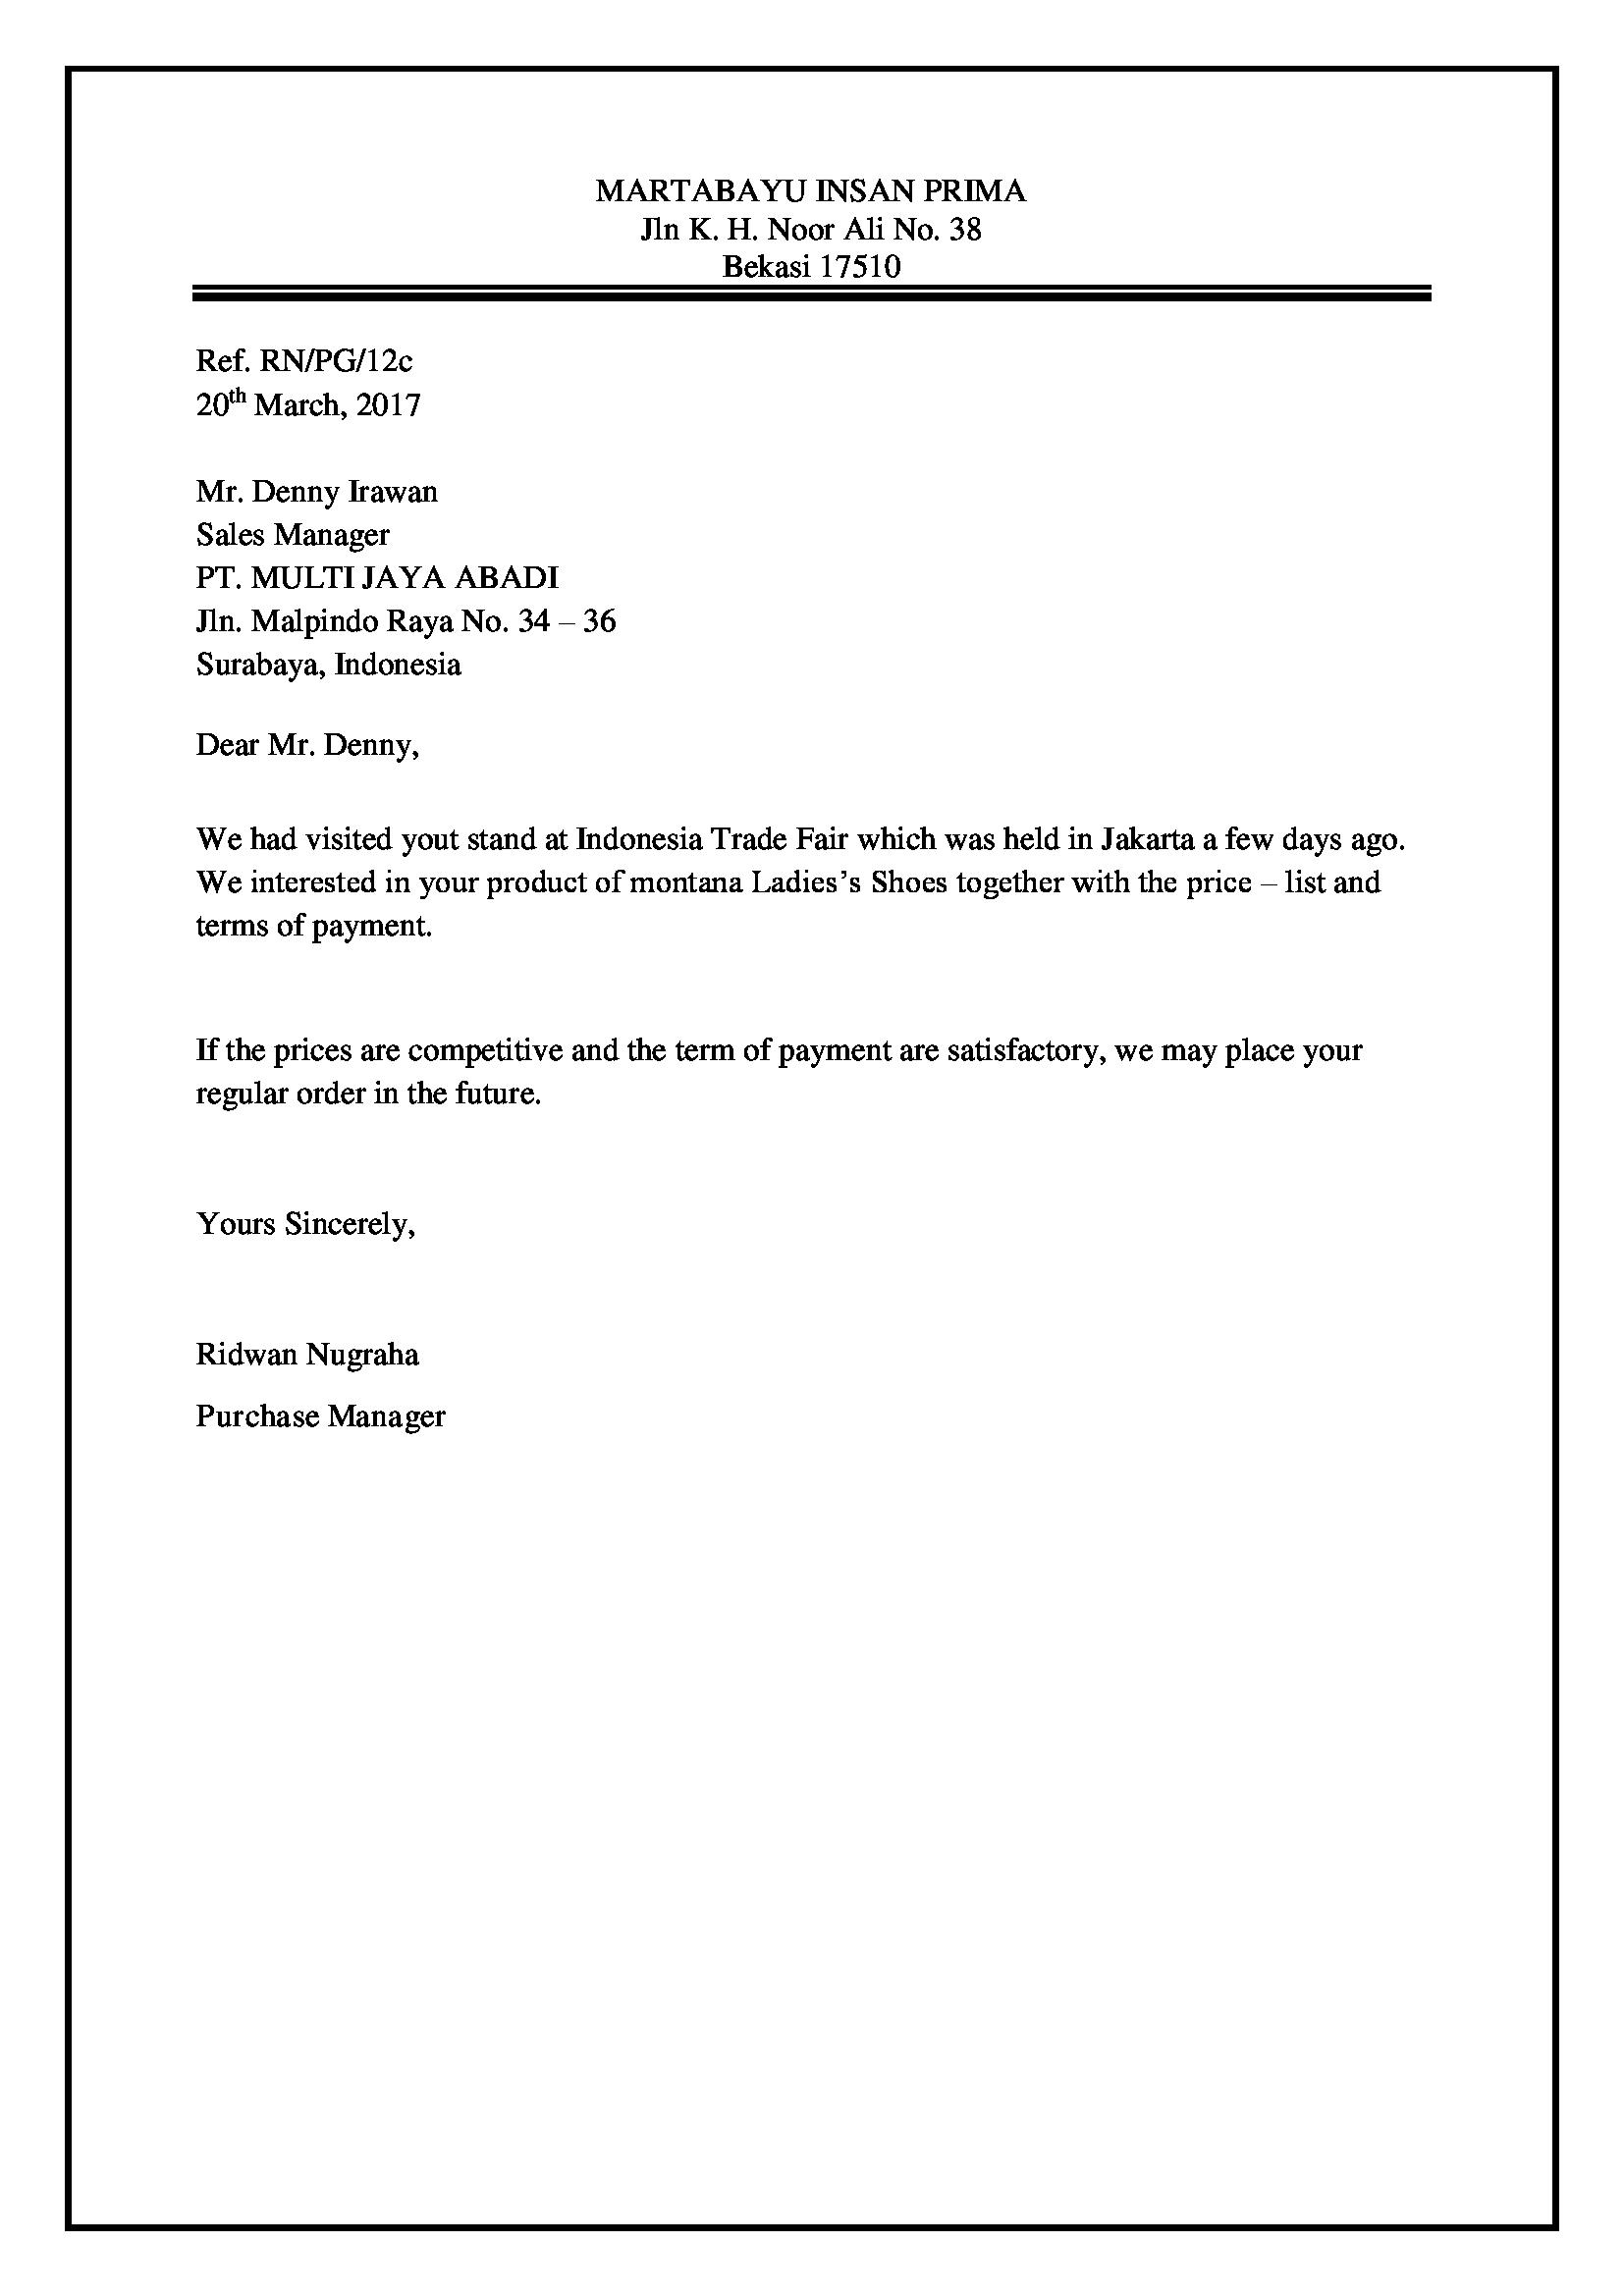 Contoh Surat Full Block Style Pesanan Barang - Kumpulan